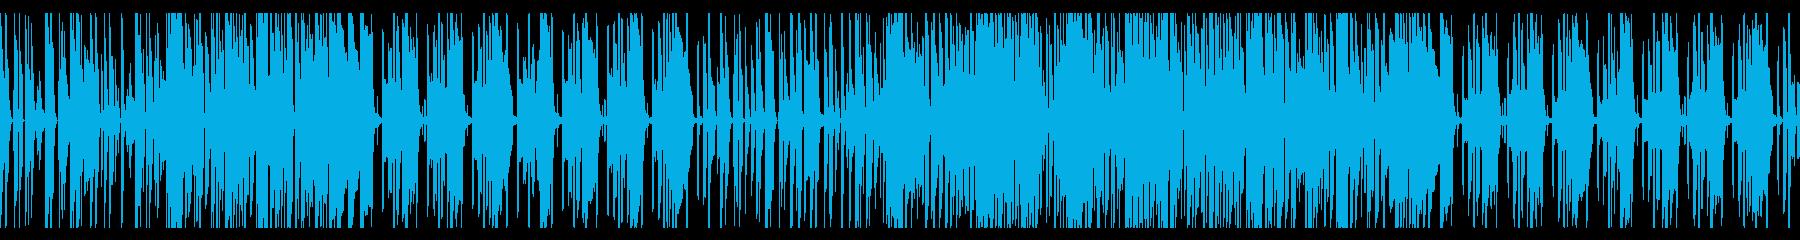 かわいい・ほのぼのエレクトロニカ ループの再生済みの波形